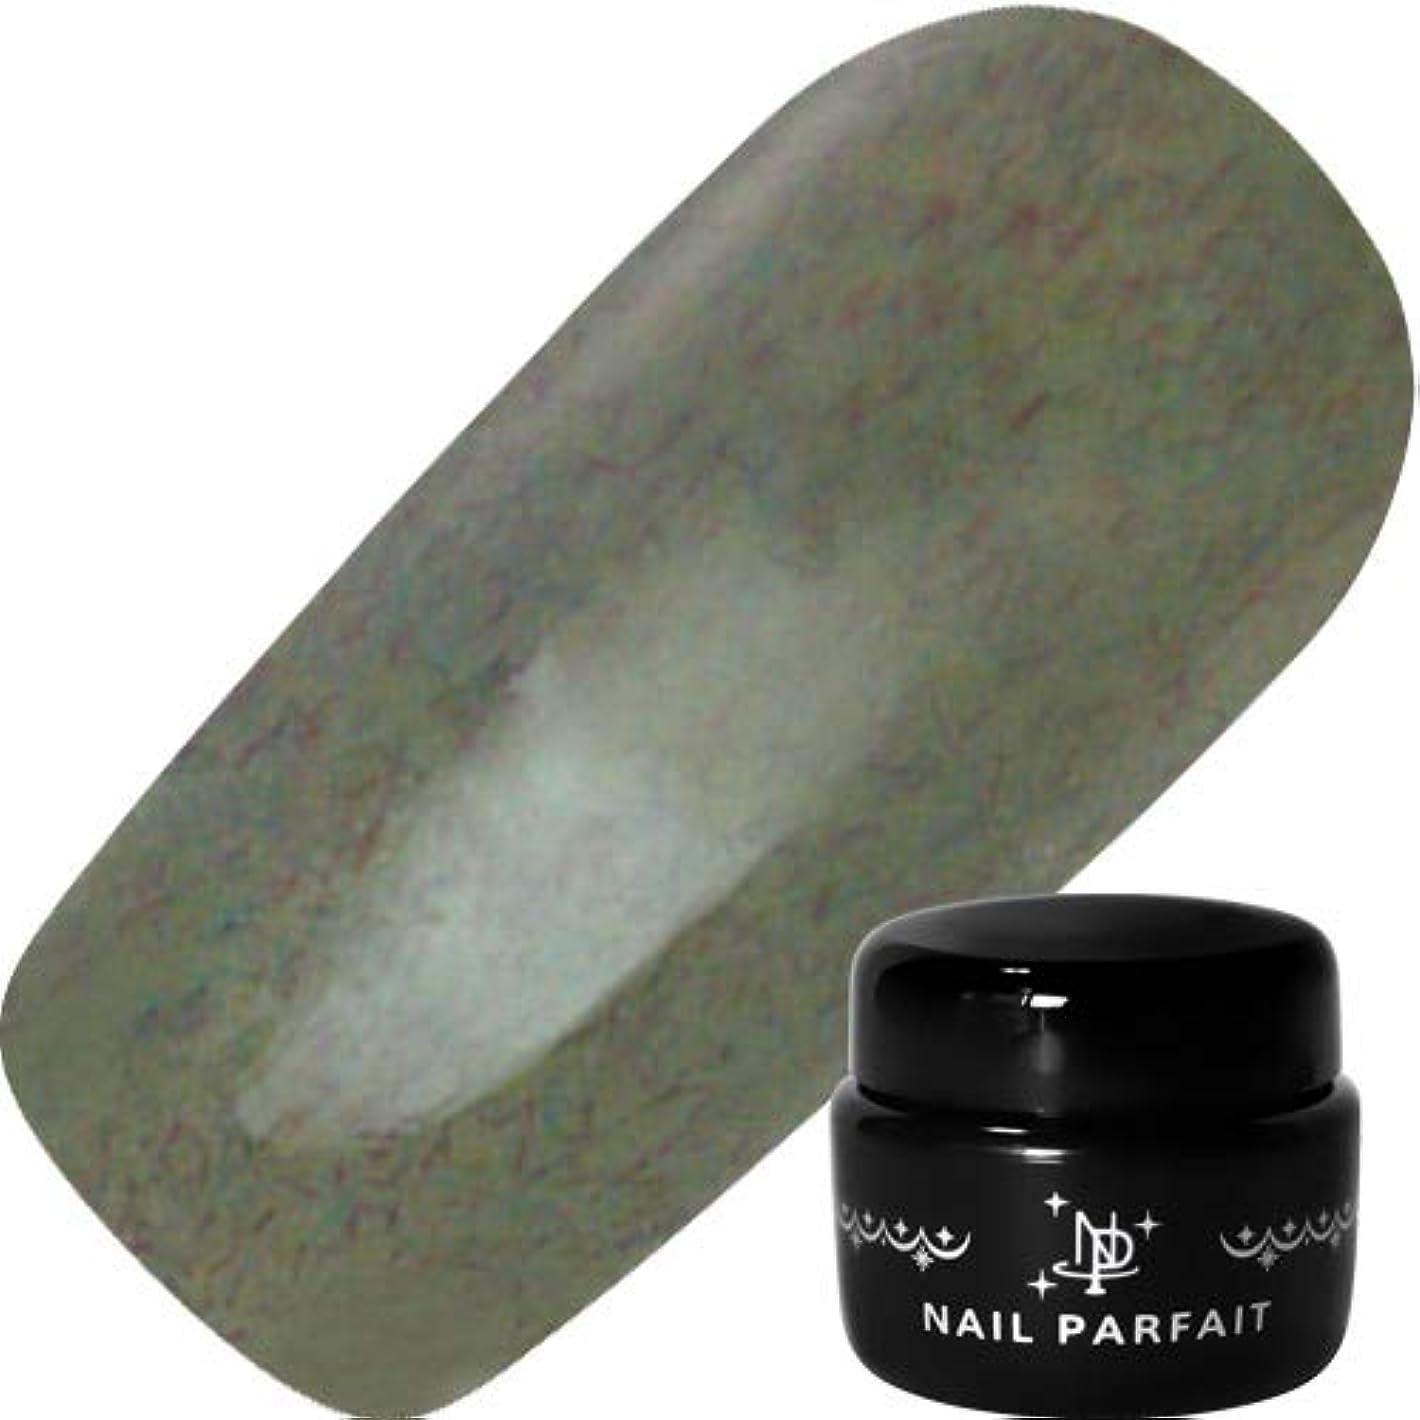 刈る柔らかさ哺乳類NAIL PARFAIT ネイルパフェ カラージェル A68 サンディモス 2g 【ジェル/カラージェル?ネイル用品】